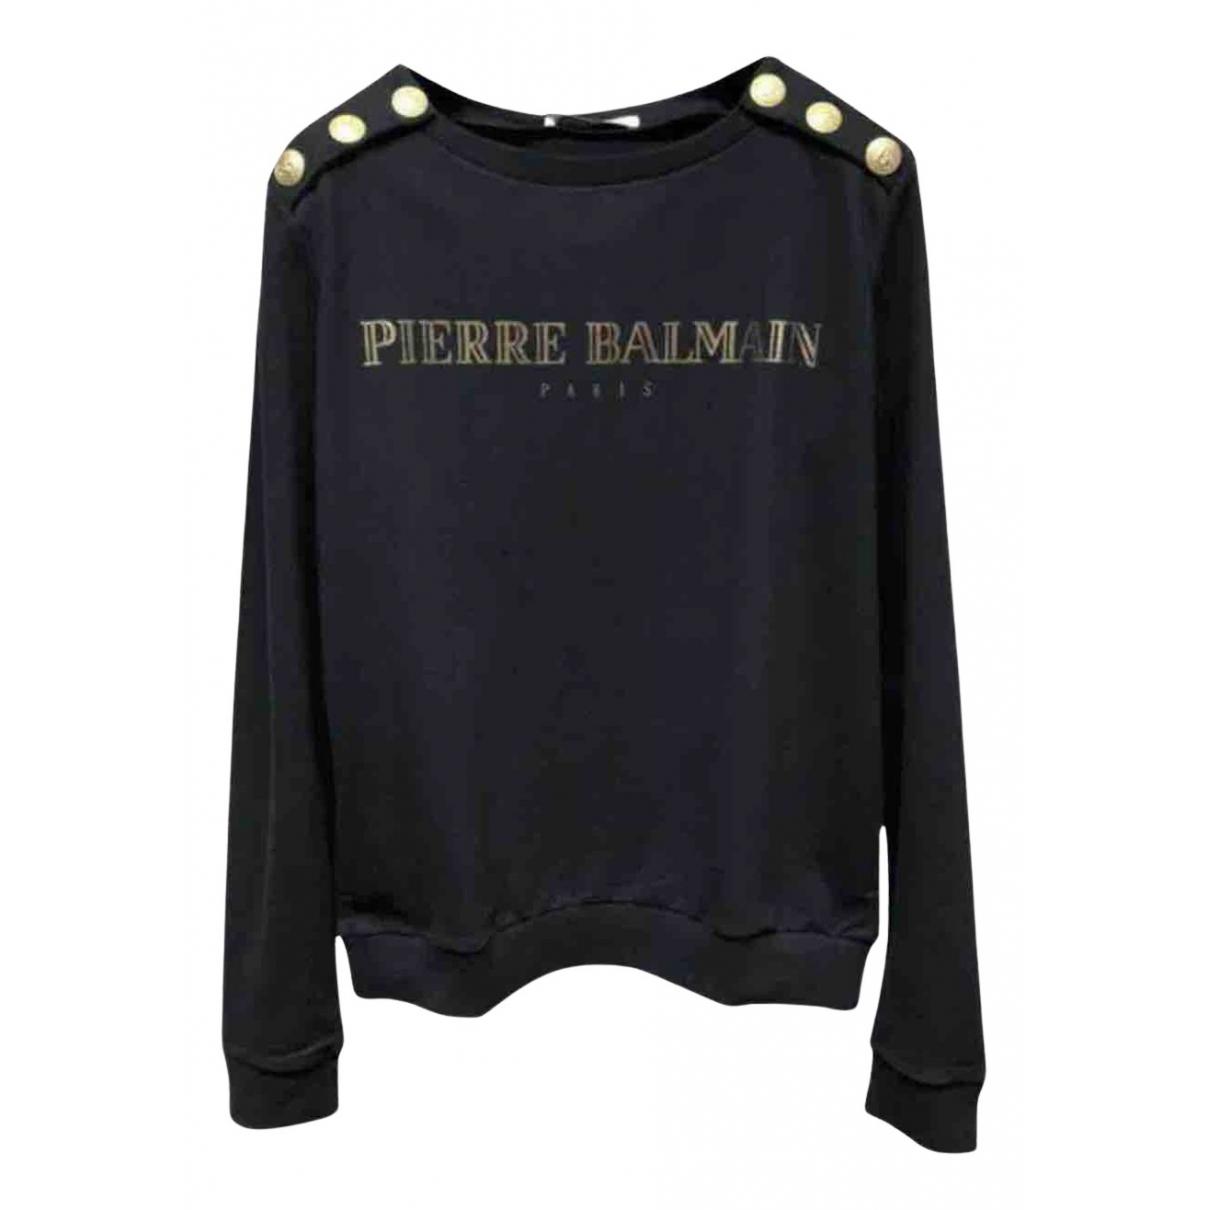 Pierre Balmain N Black Cotton Knitwear for Women 40 FR